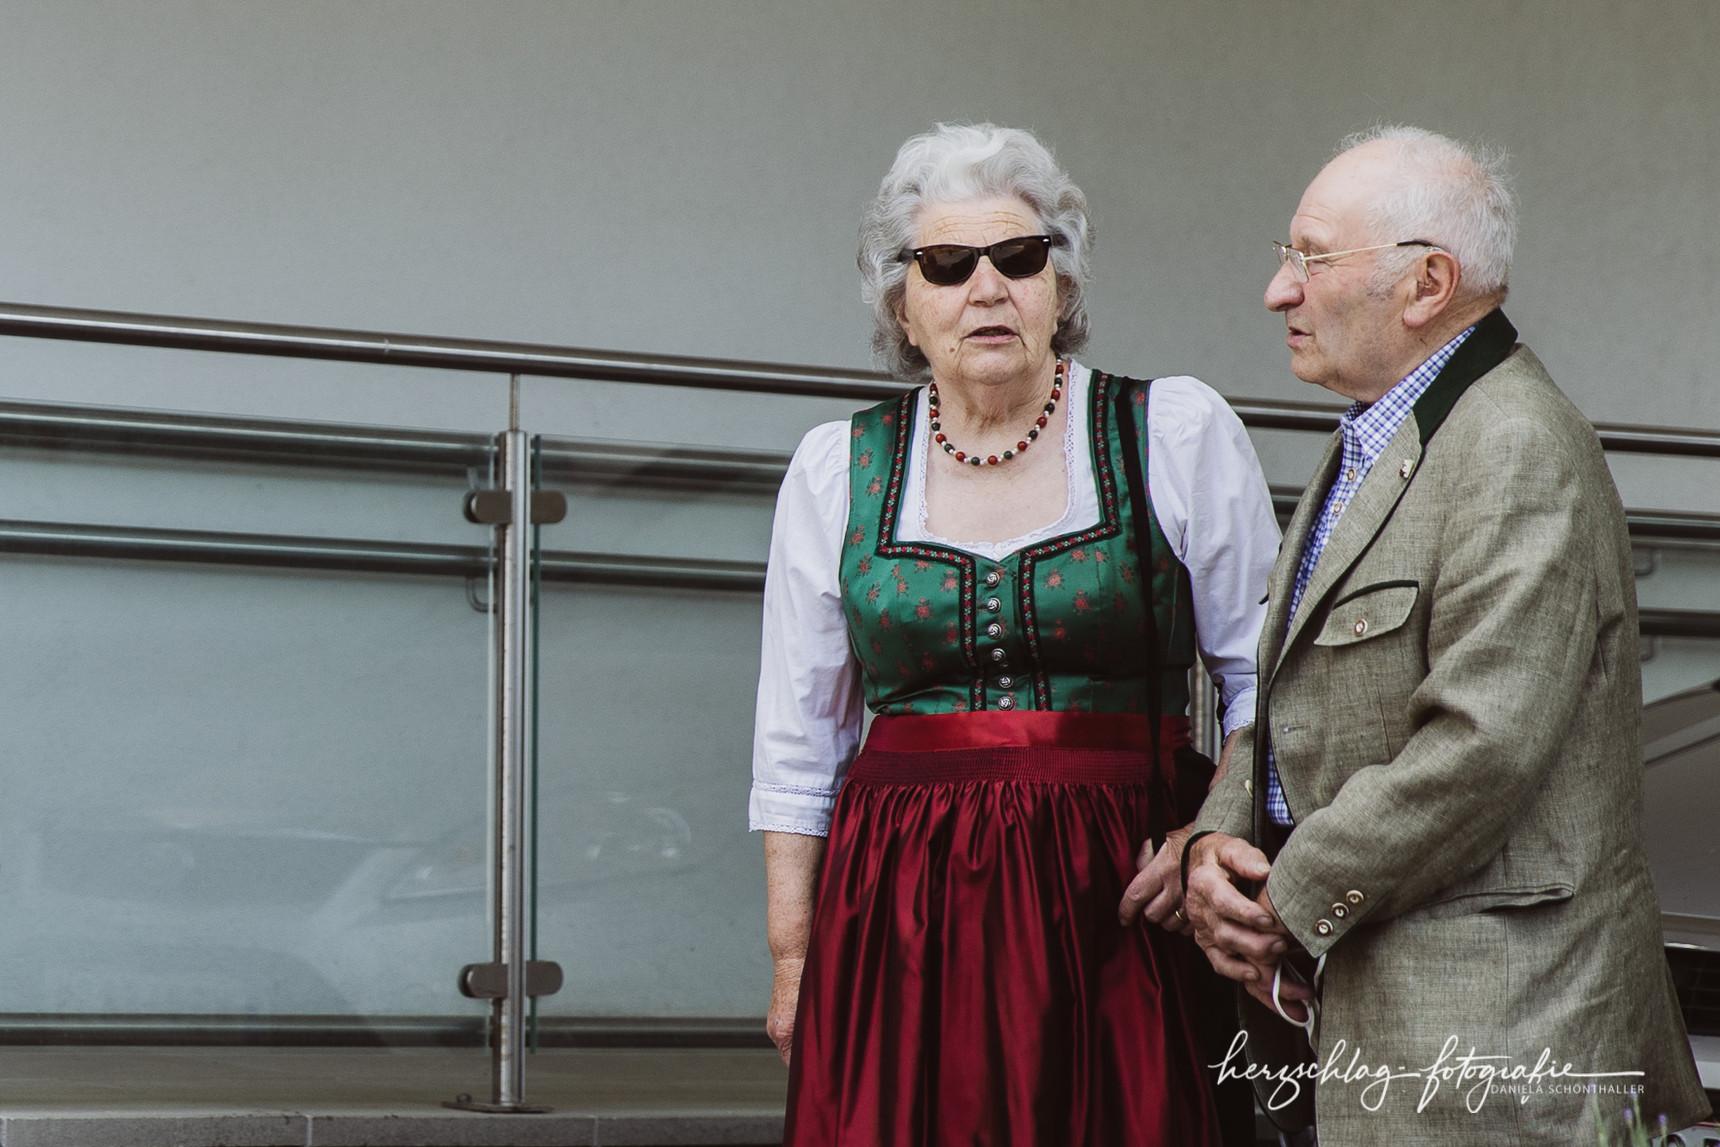 Hochzeit Victoria und Patrick Welte 120621 -6.jpg